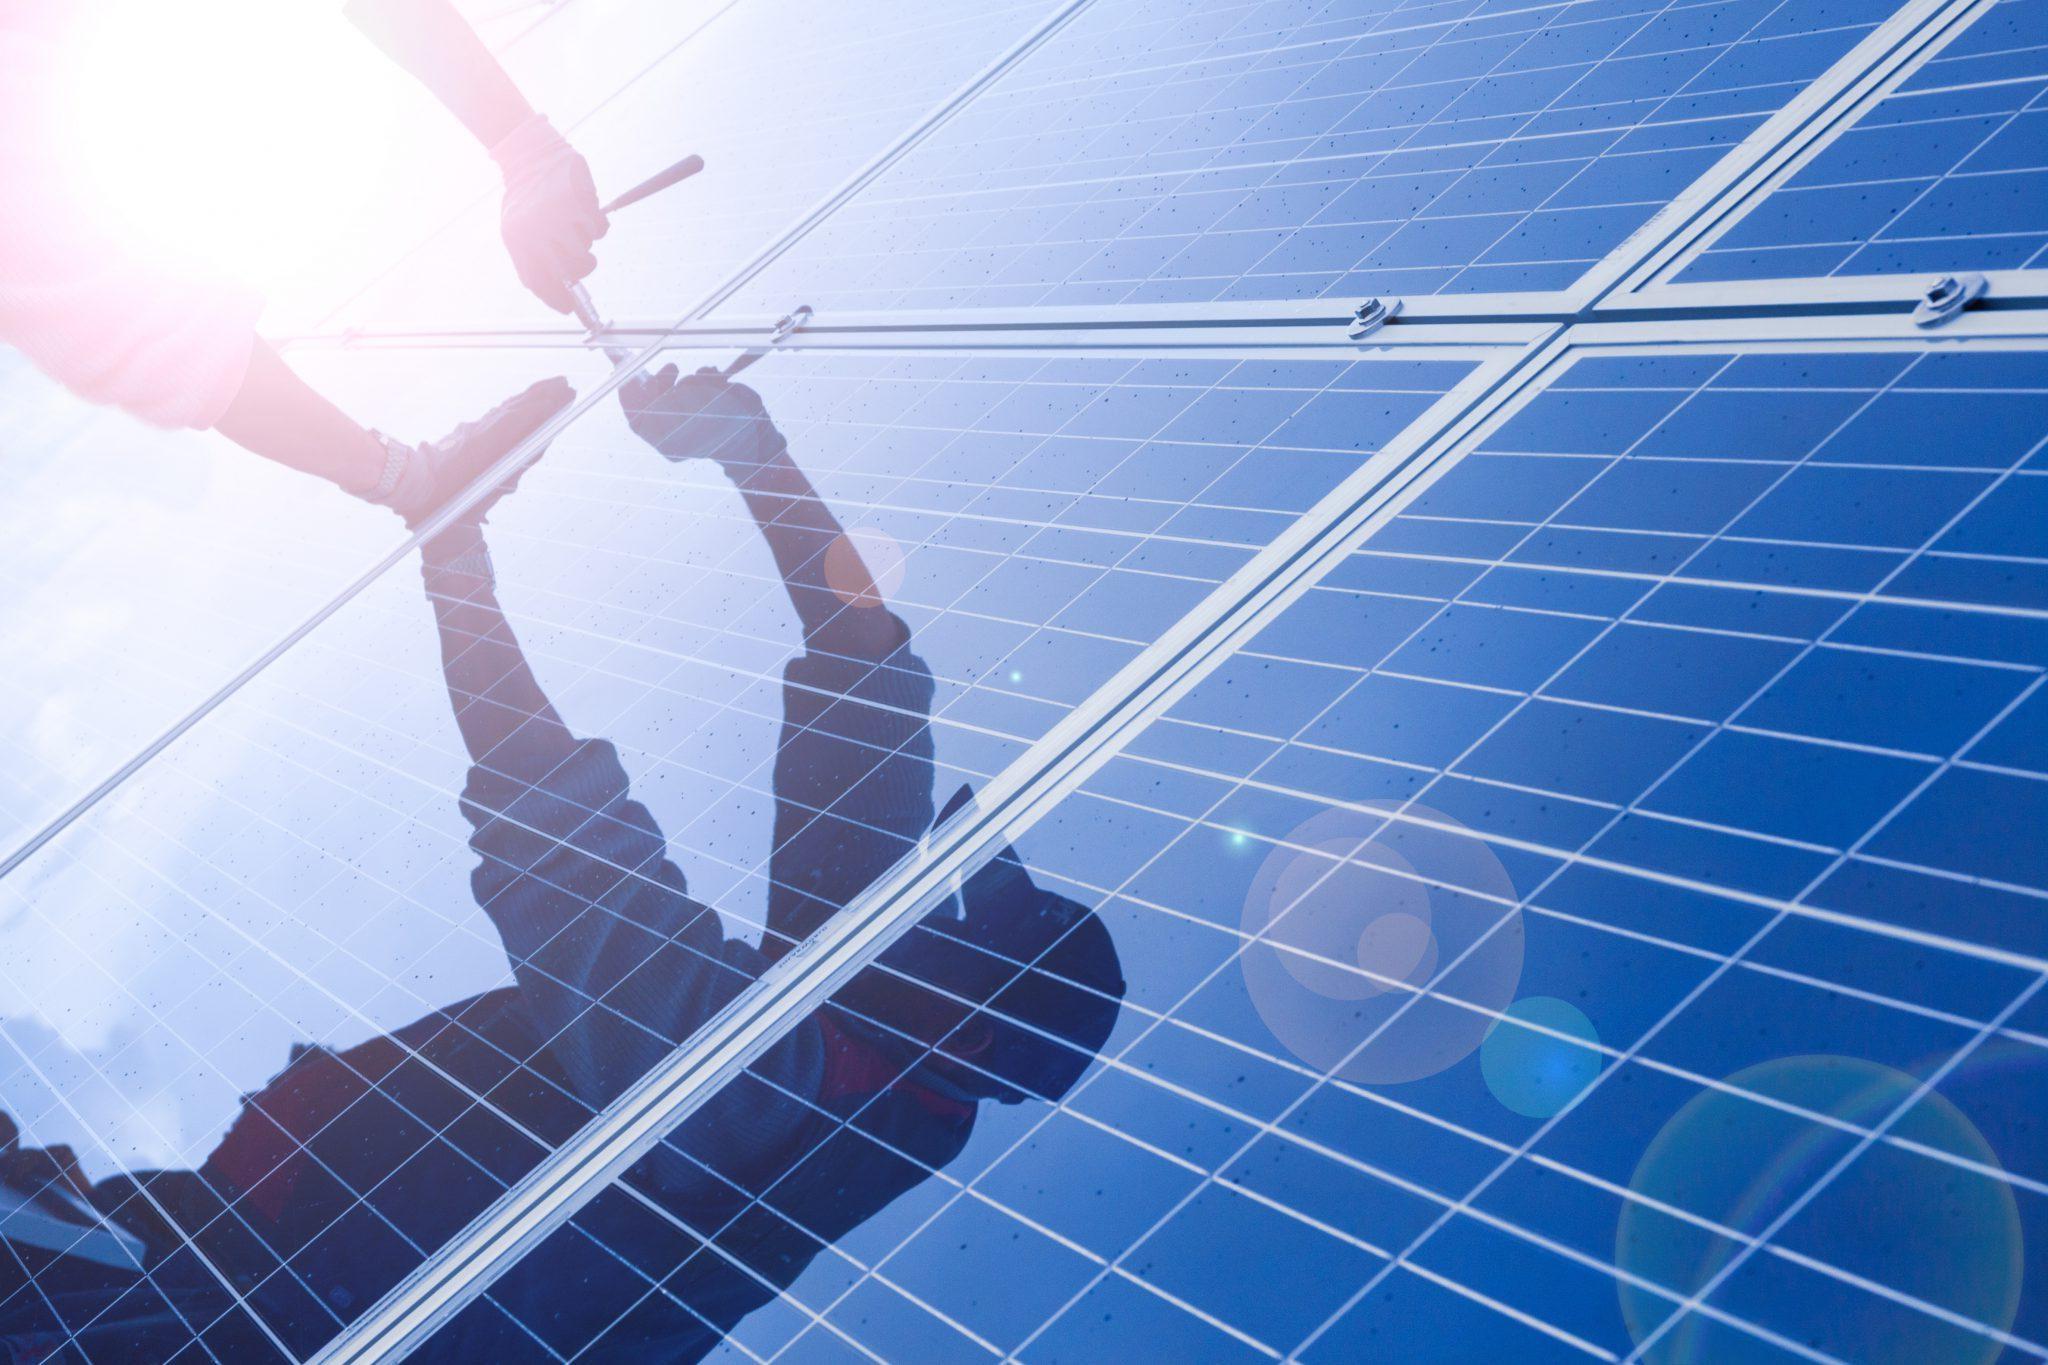 Prix d'une installation solaire photovoltaïque